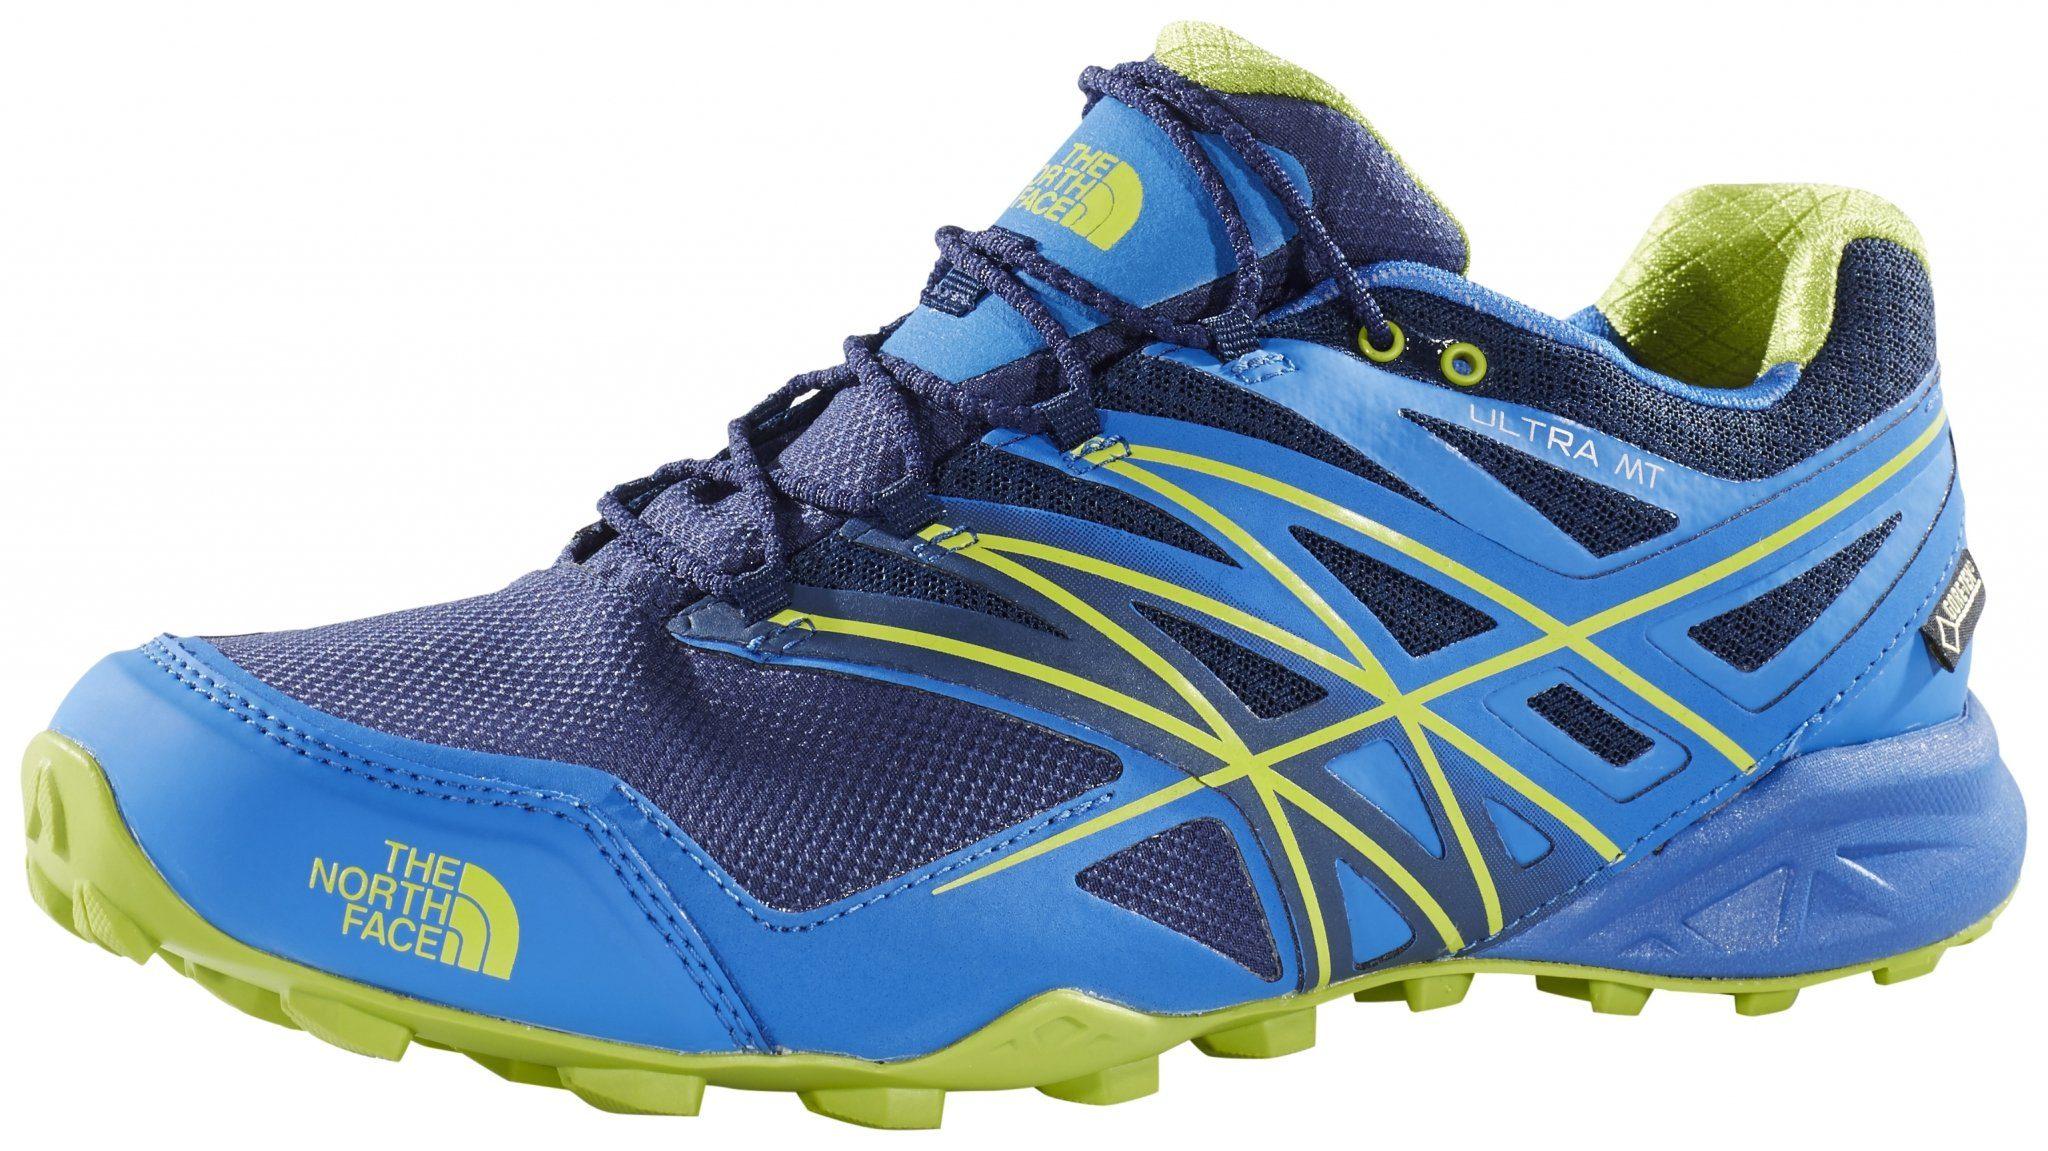 The North Face Runningschuh »Ultra MT GTX Shoes Men«